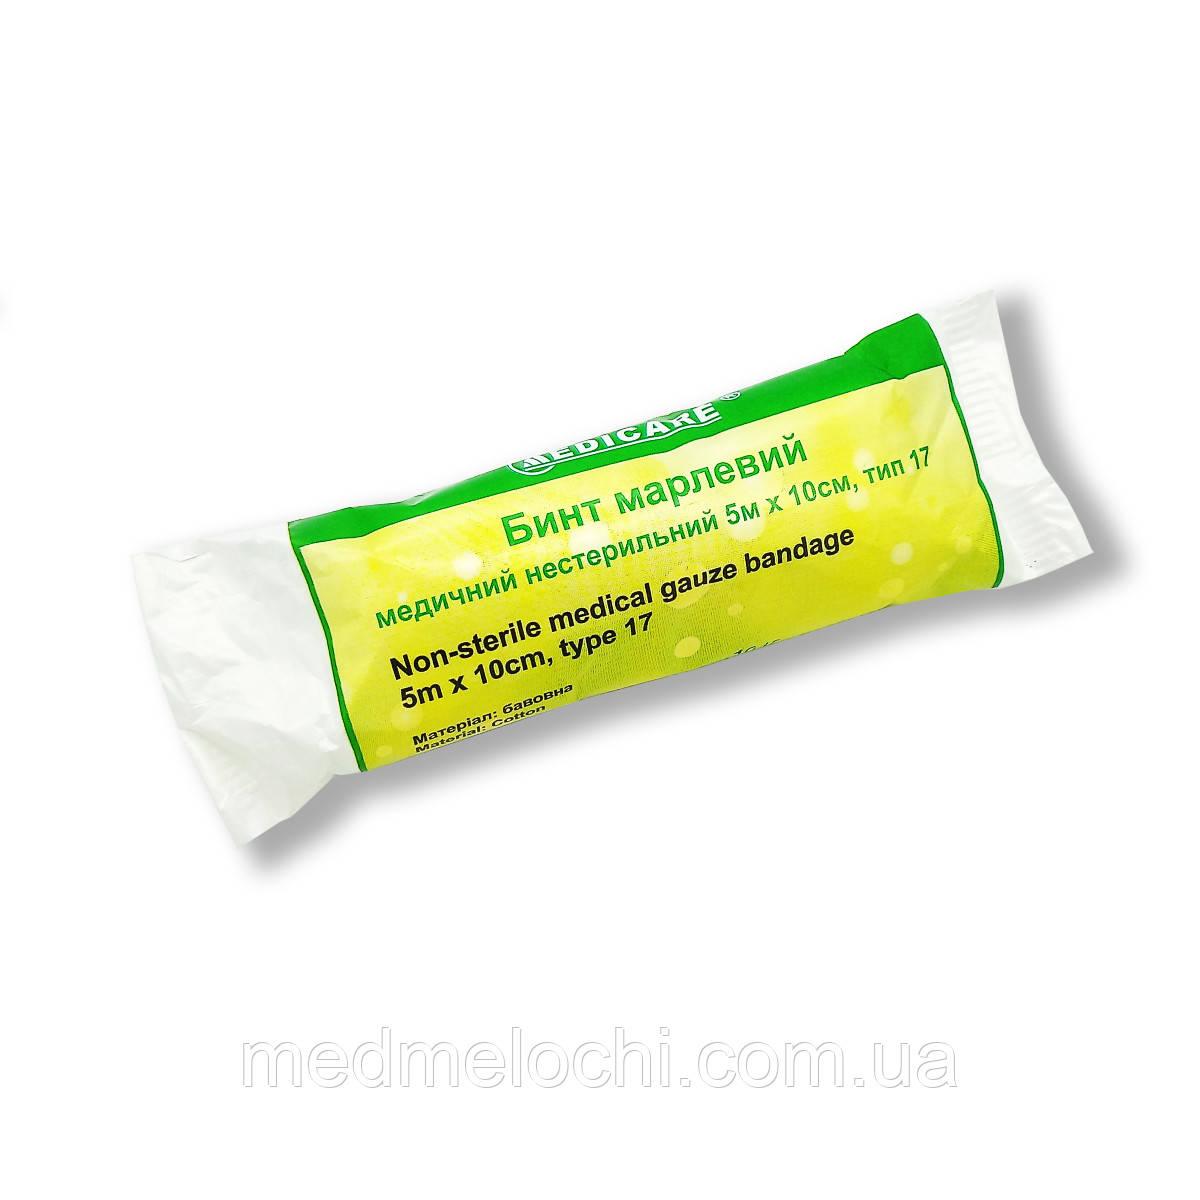 Бинт марлевий нестерильний 5 м х 10 см MEDICARE тип 17